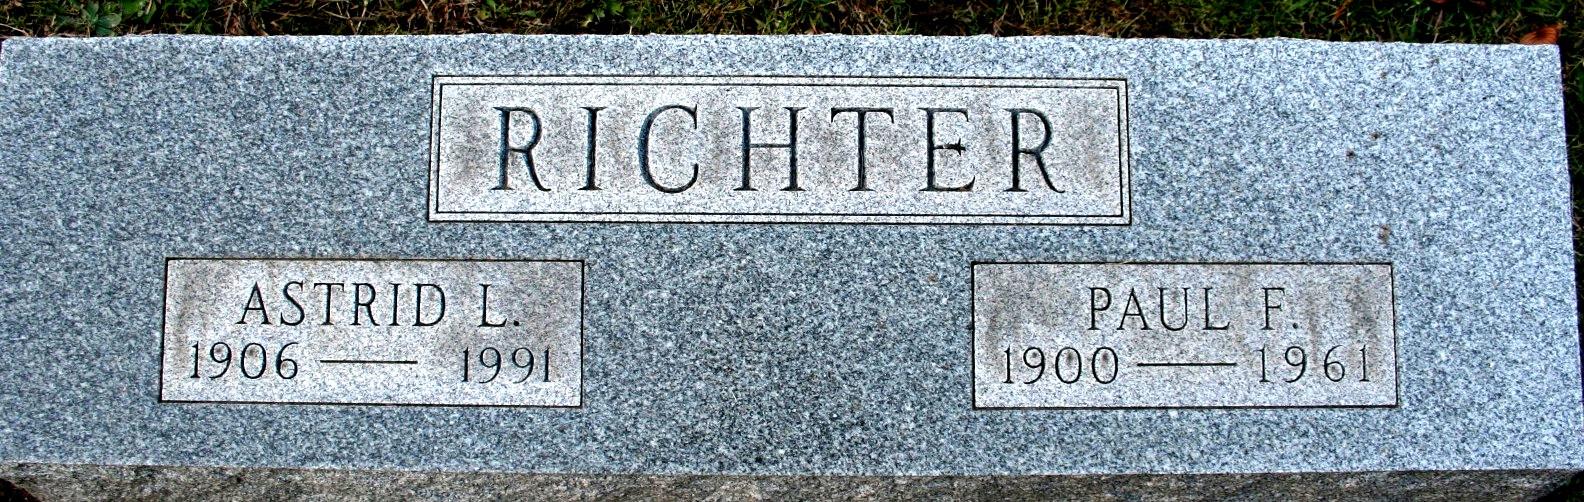 richter victoria 1 2003